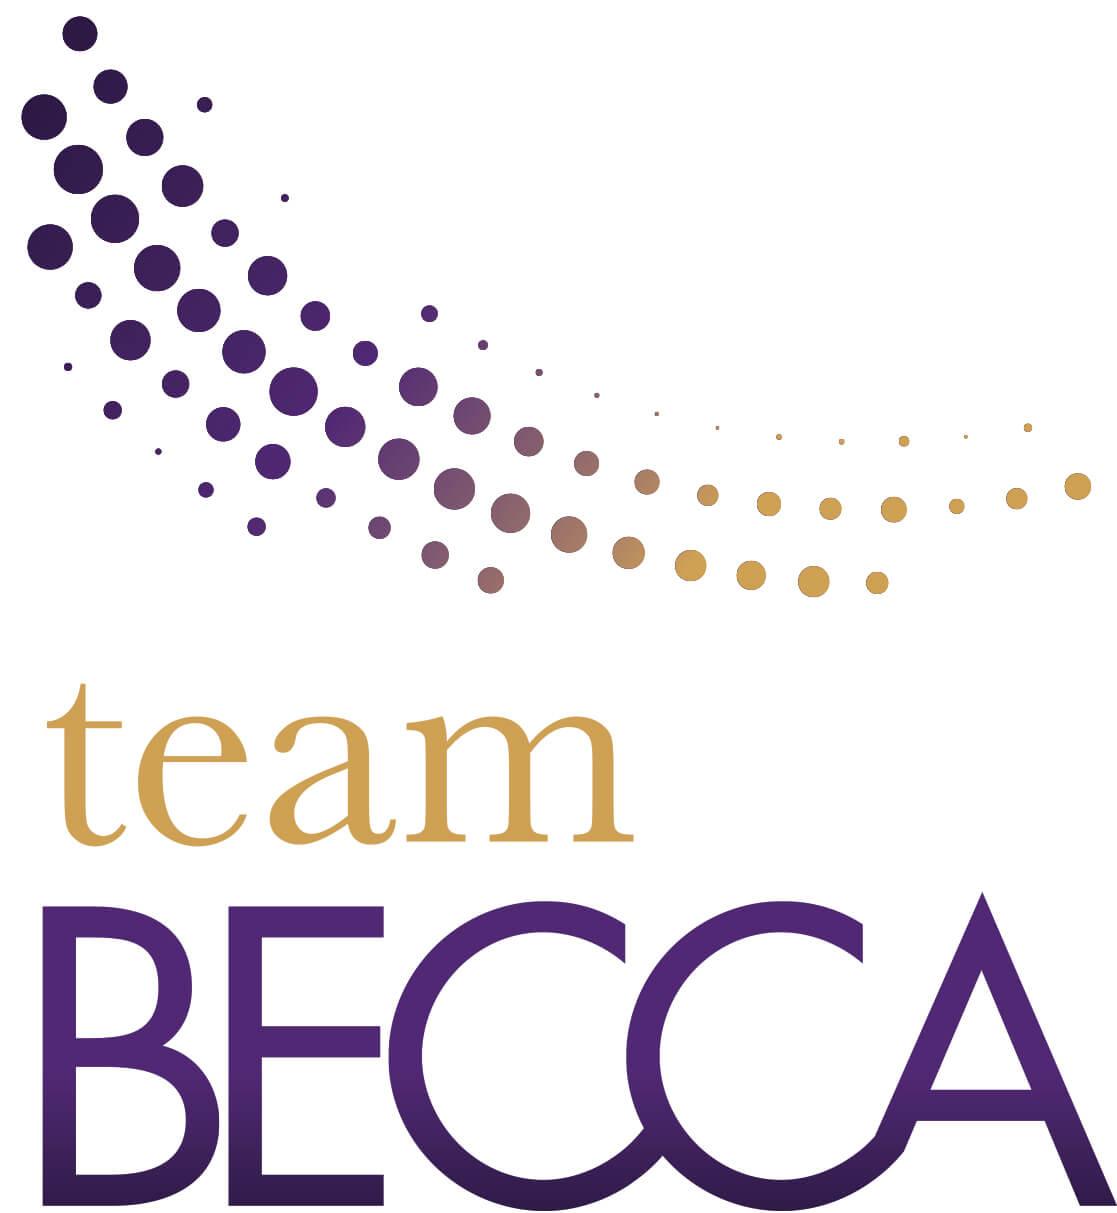 Team Becca Guild